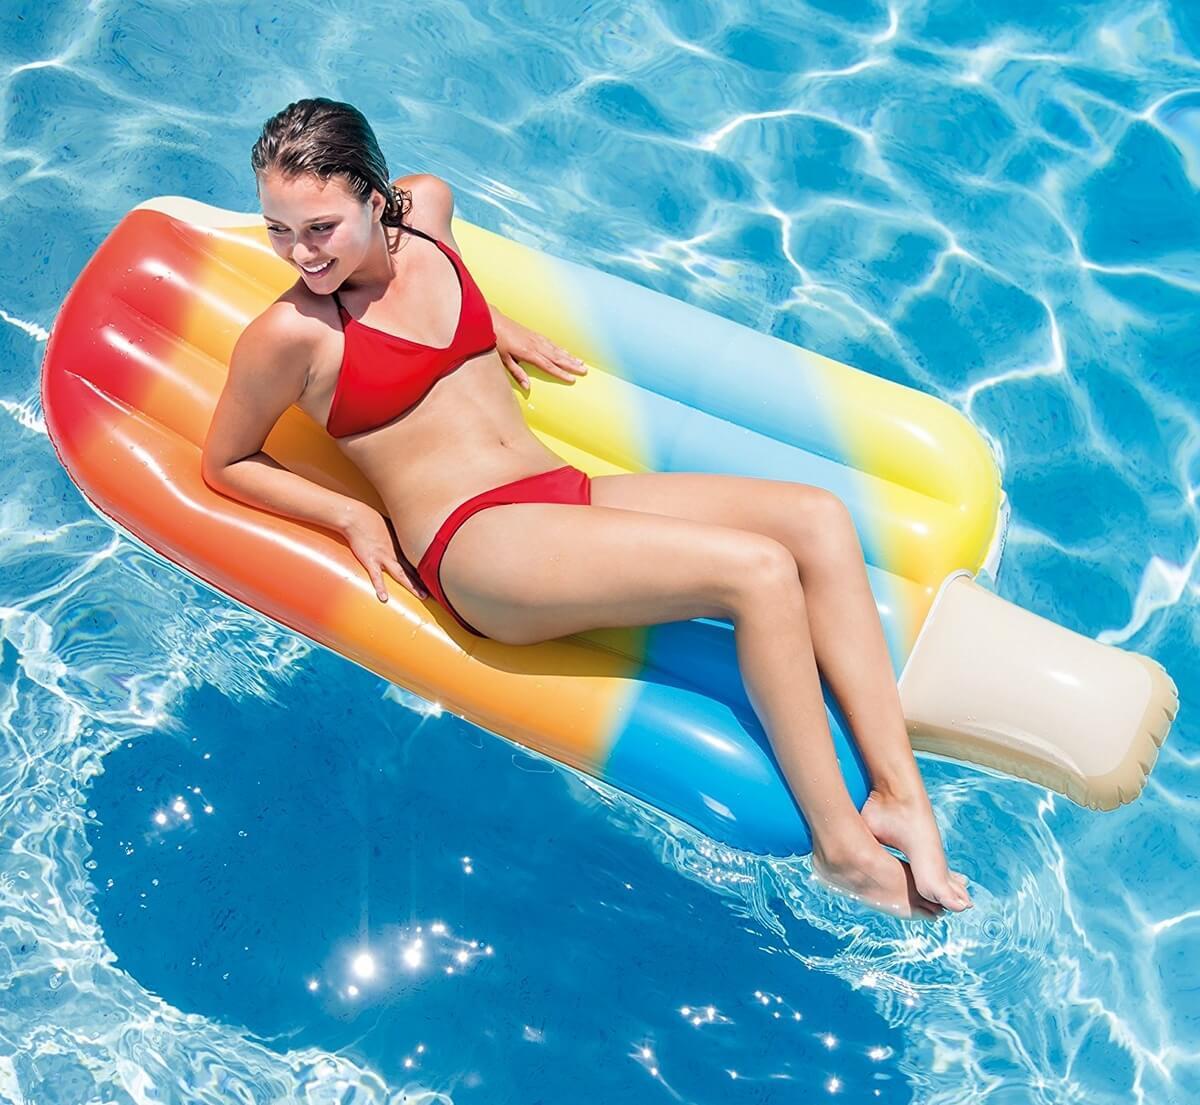 есть основной матрас надувной для плавания картинки любят ценят